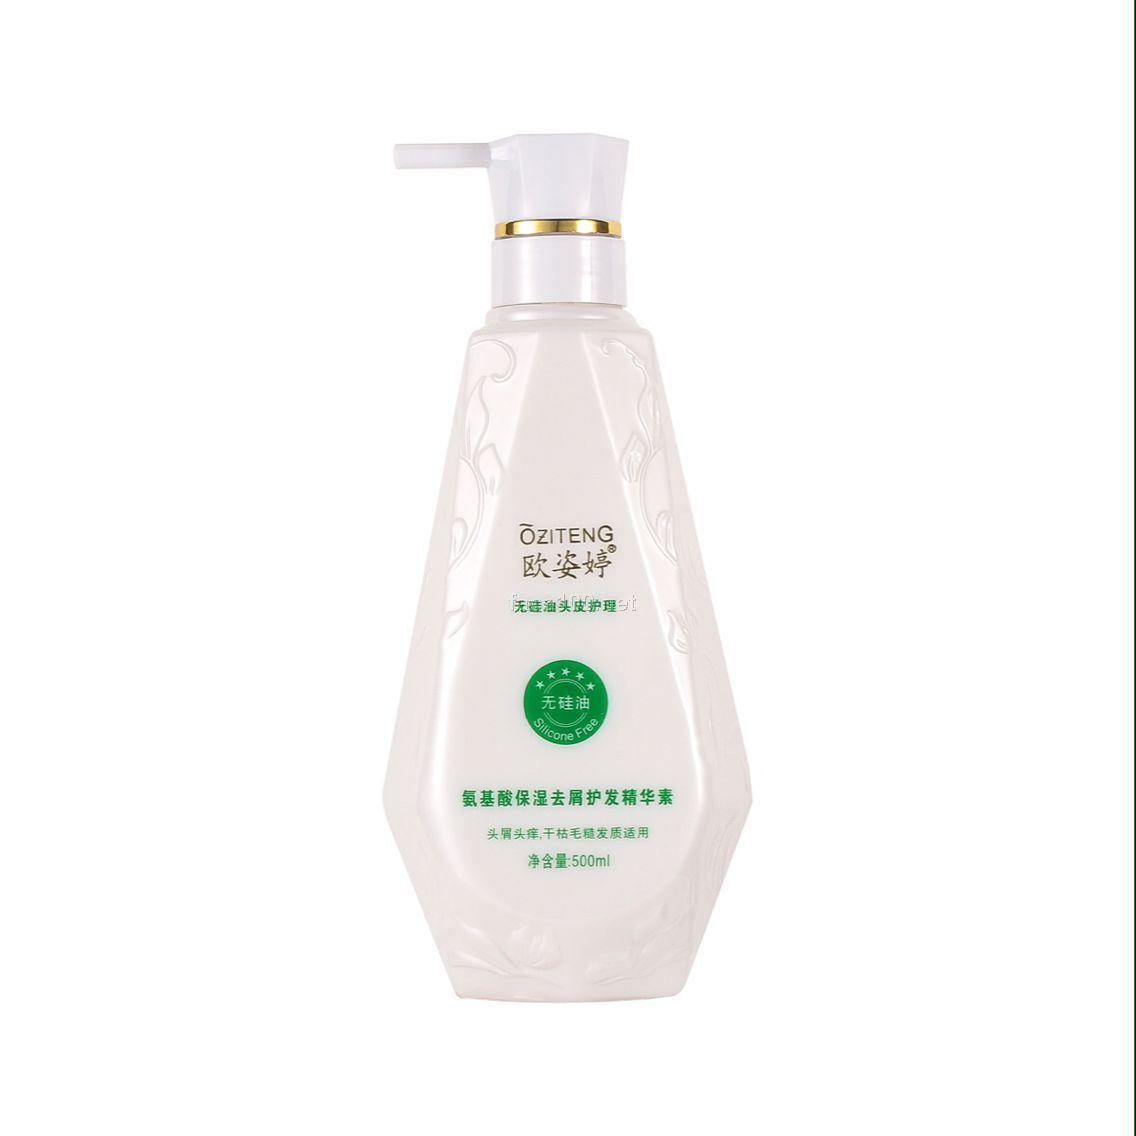 欧姿婷氨基酸保湿去屑护发精华素